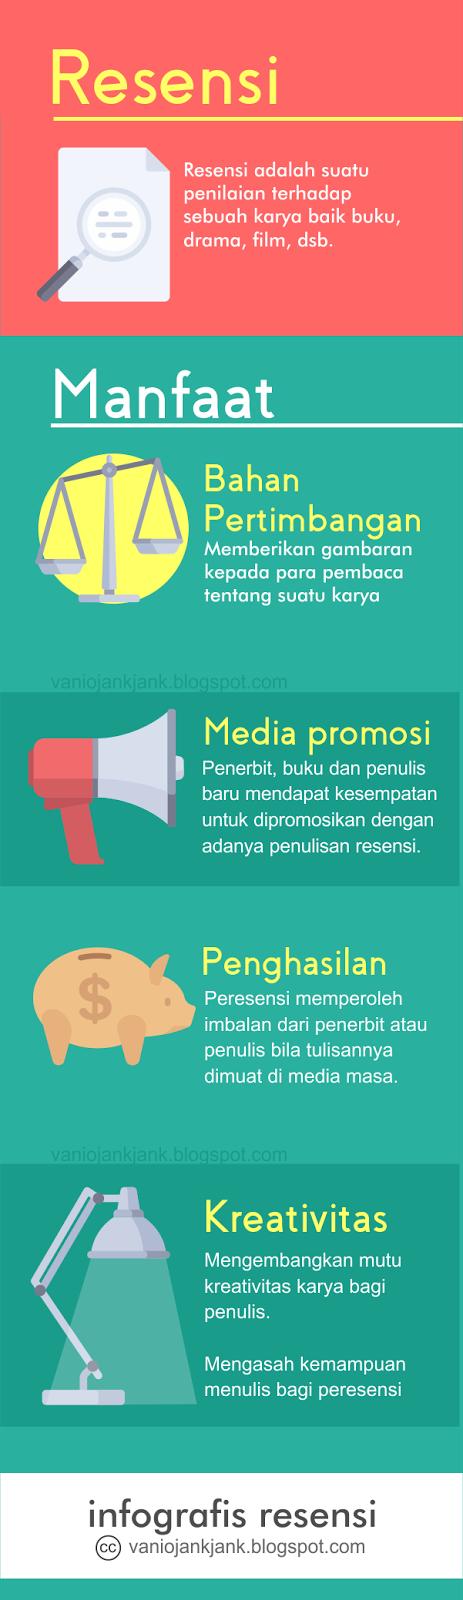 infografis resensi dan manfaat resensi